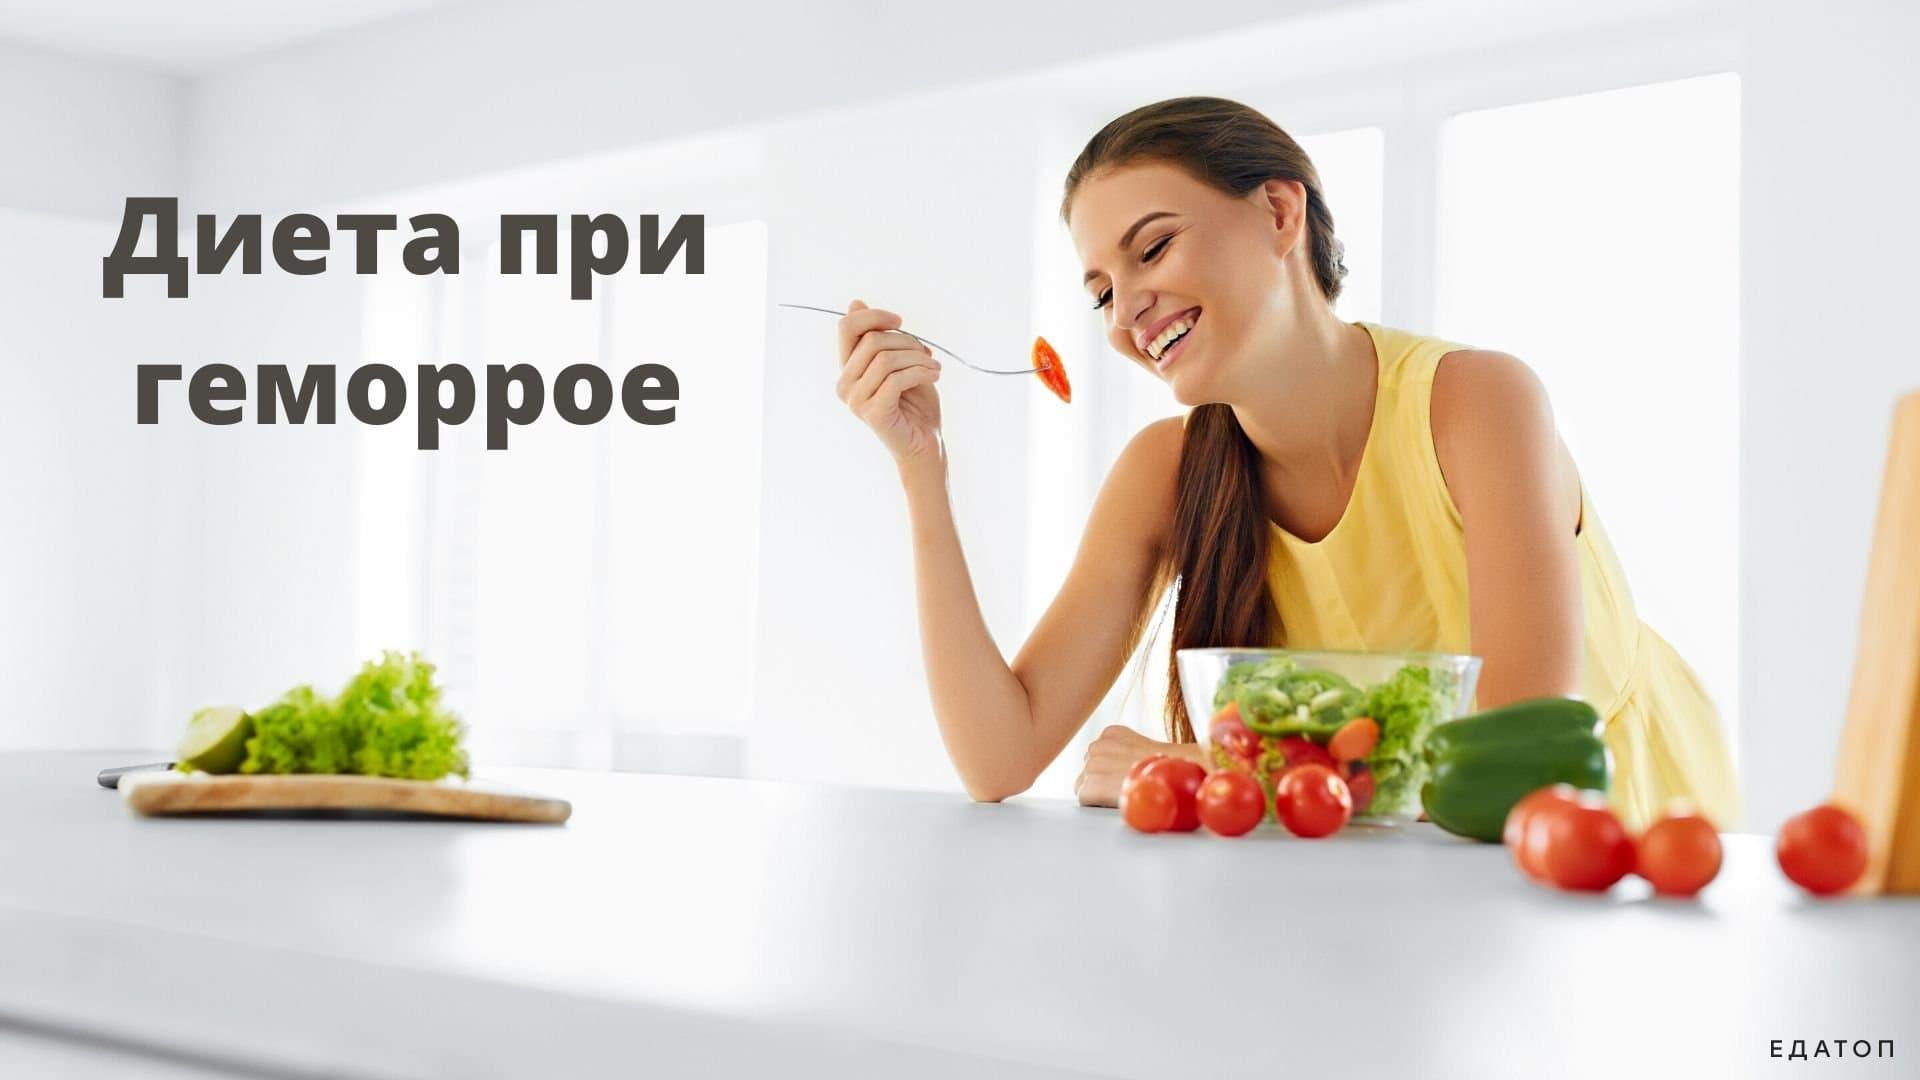 Сбалансированное питание обязательно при геморрое.